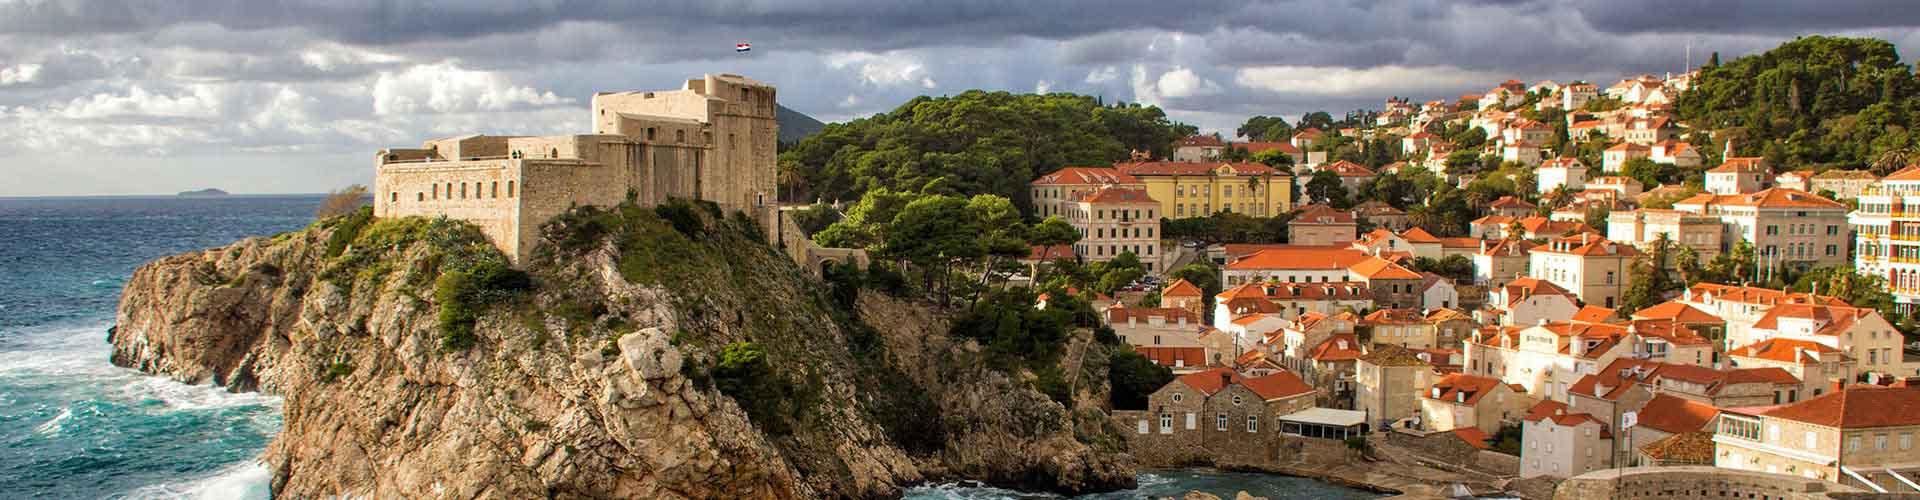 Dubrovnik - Hostales en Dubrovnik. Mapas de Dubrovnik, Fotos y comentarios de cada Hostal en Dubrovnik.